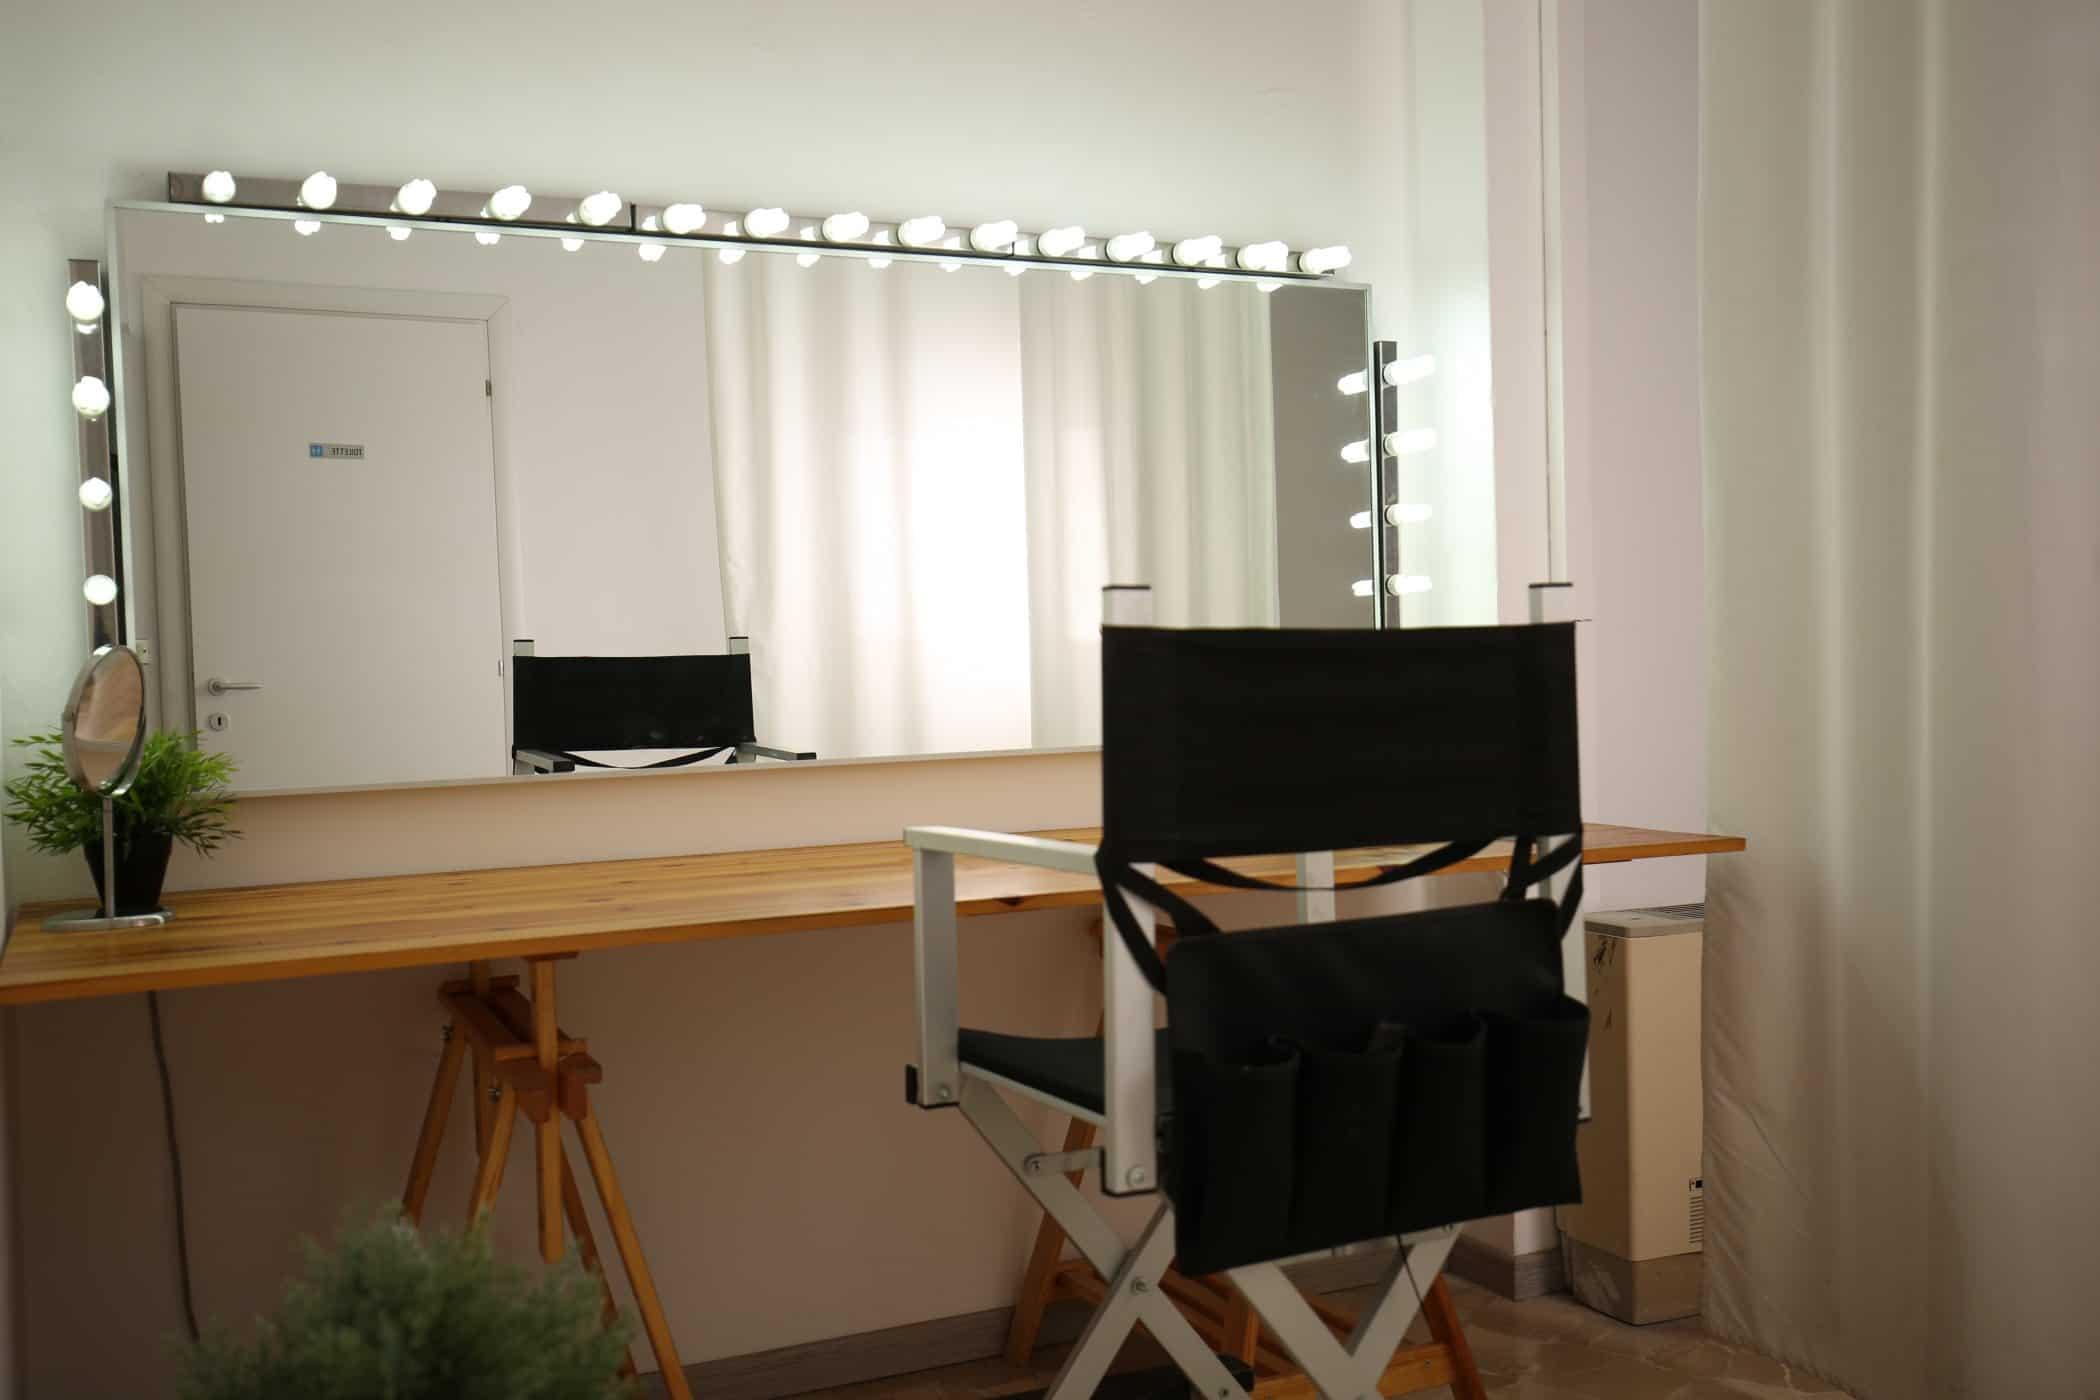 affitto-studio-fotografico-sala-pose-postazione-makeup-luci-per-servizi-fotografici-video-riprese (1)